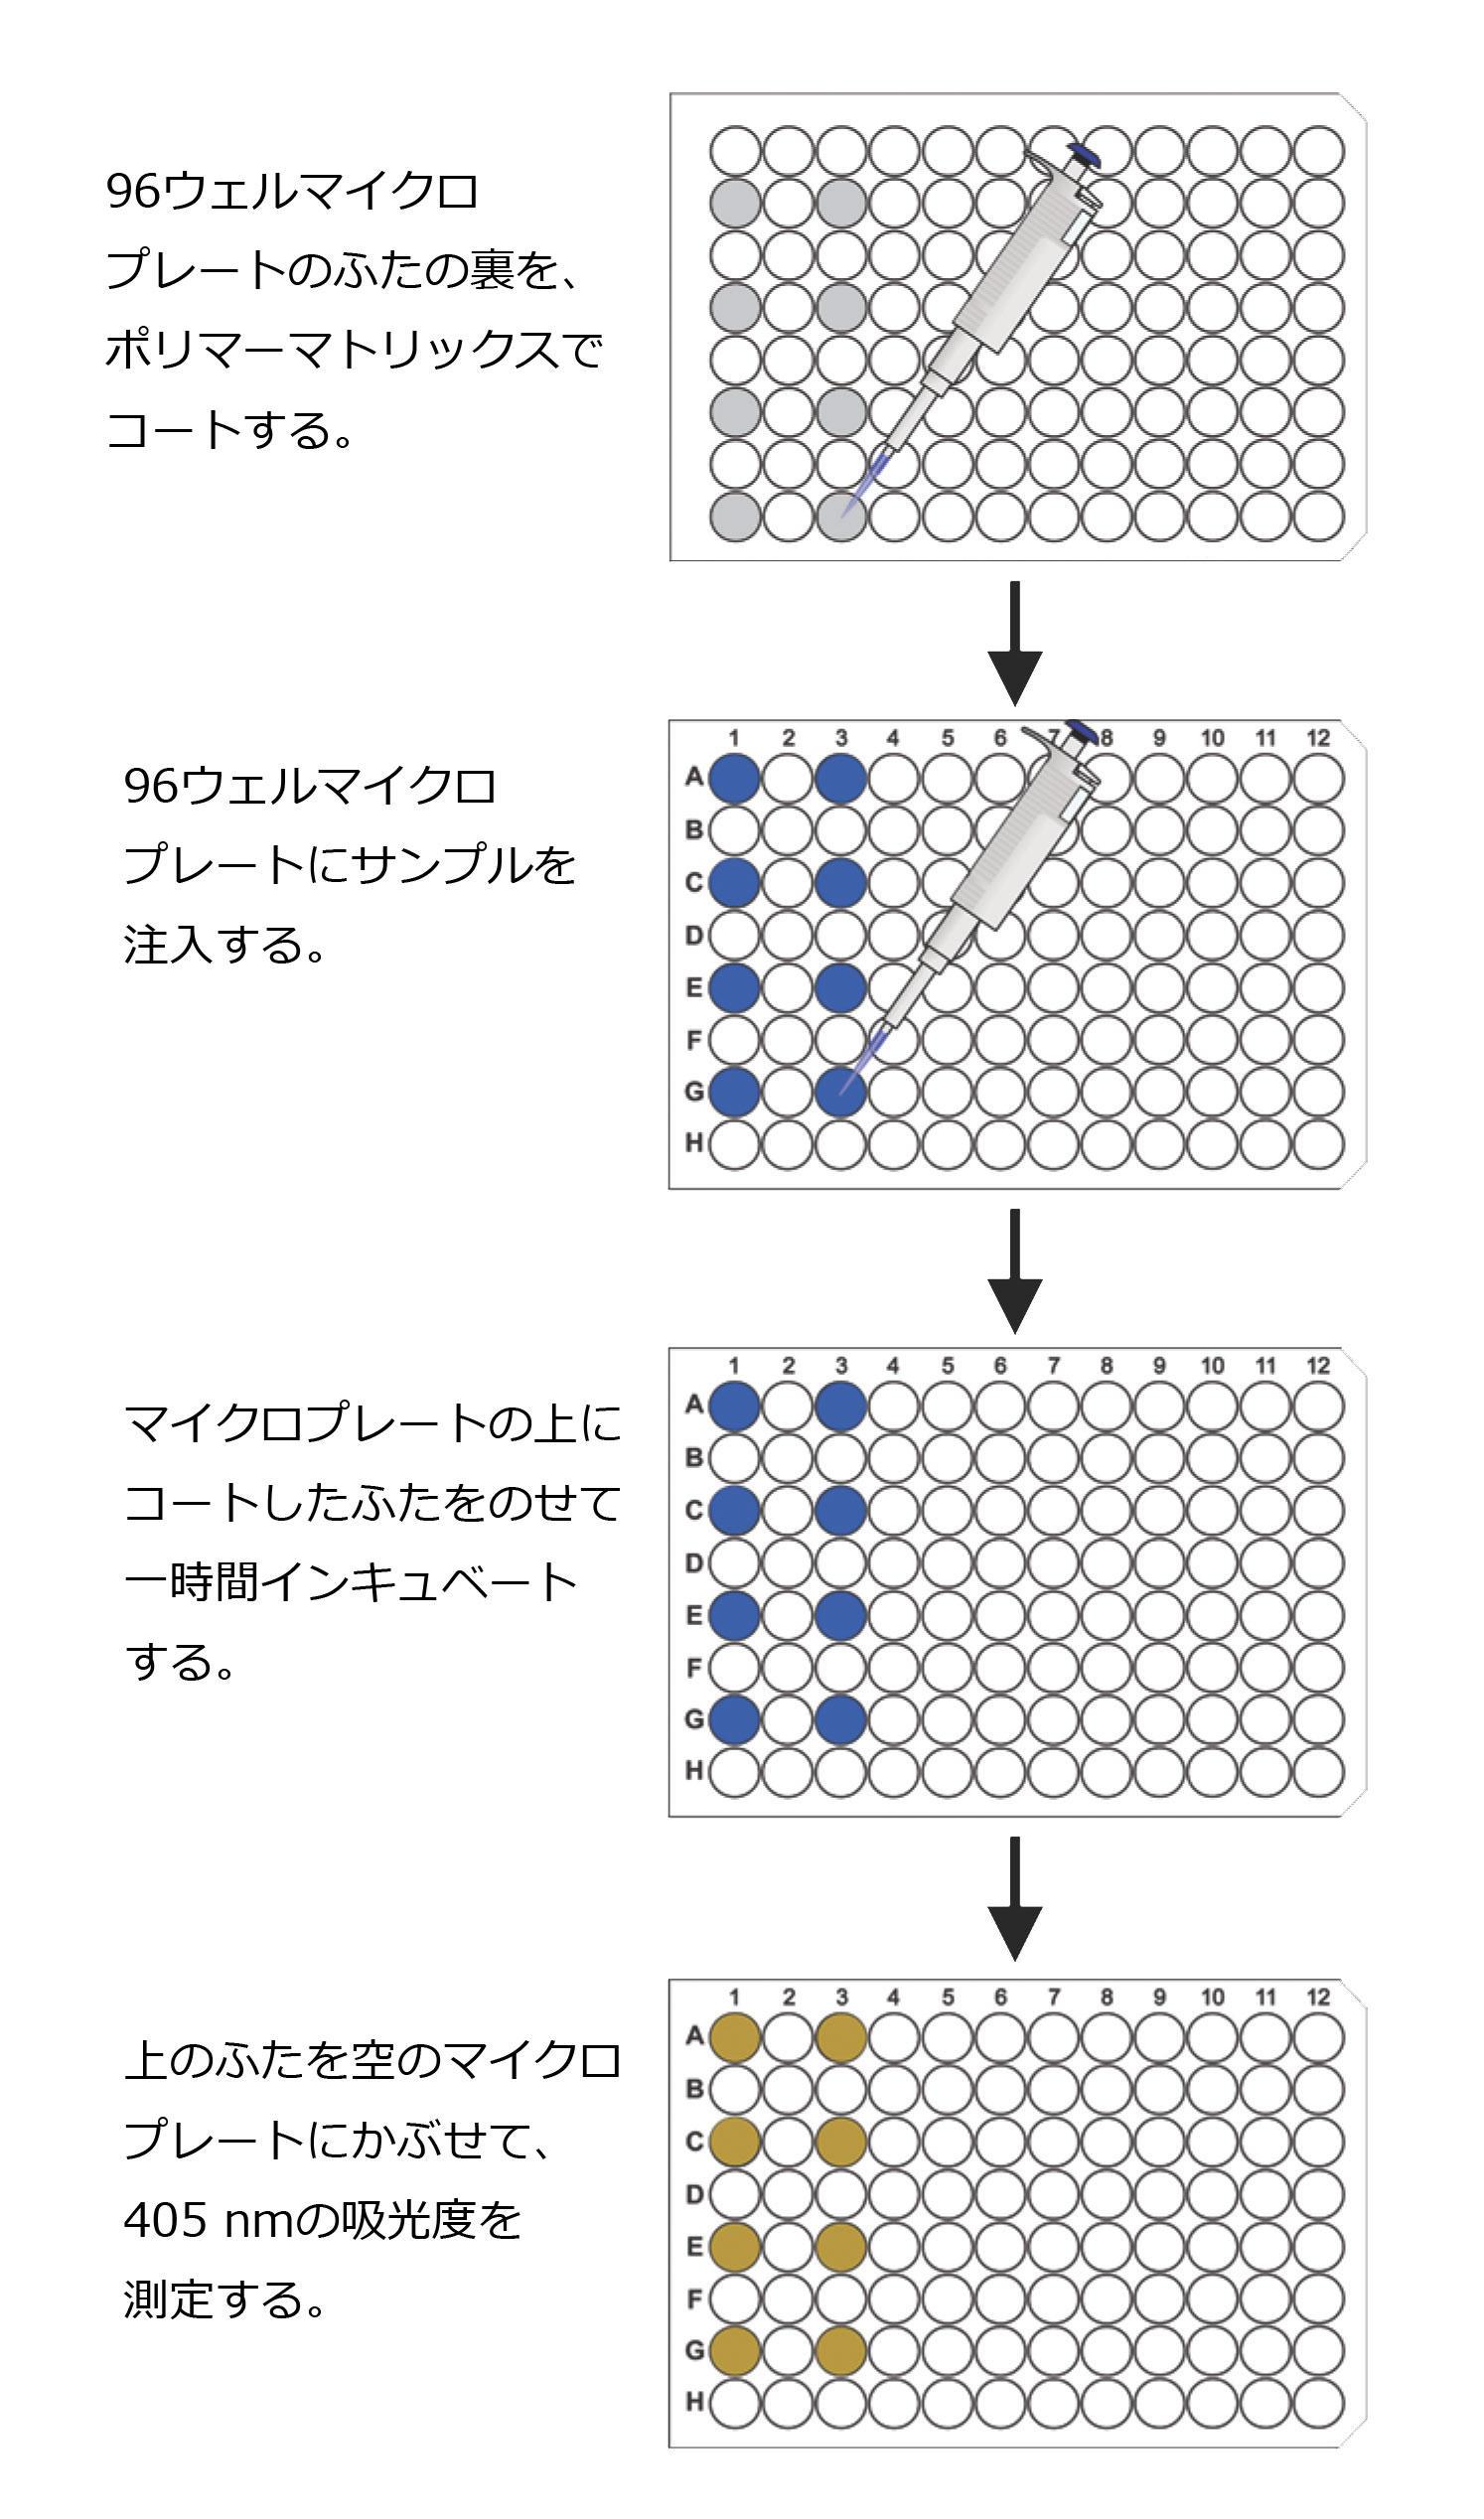 遊離硫化水素ガスのアッセイプロトコールの略図